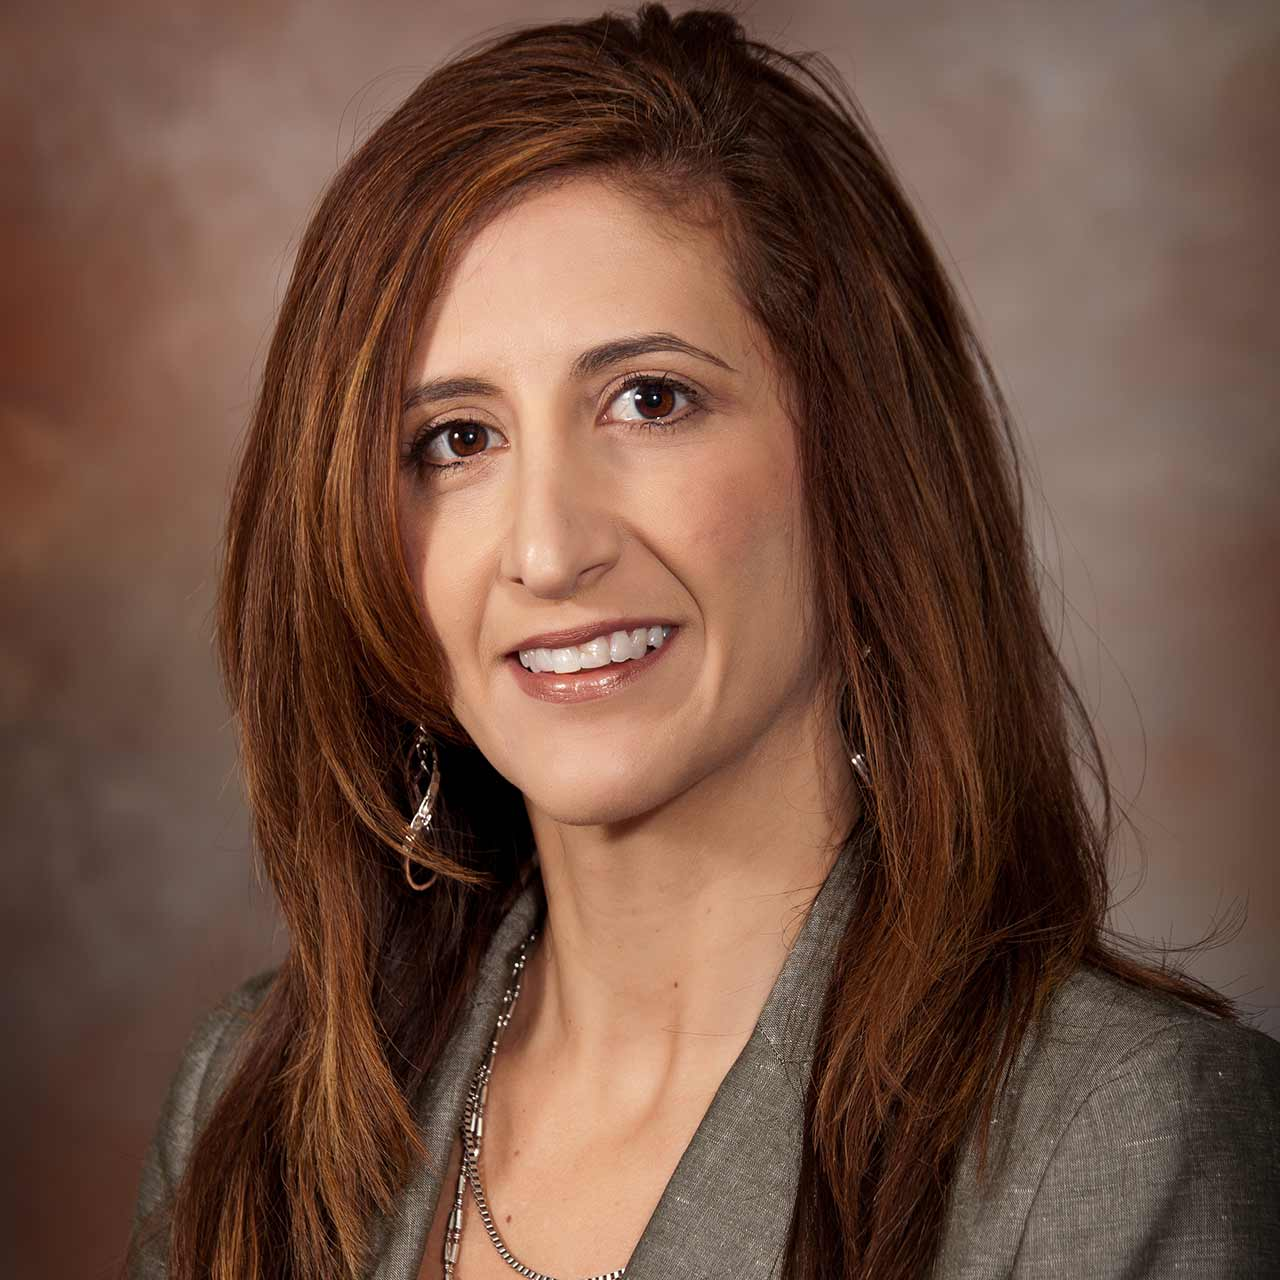 Helen Cleondis